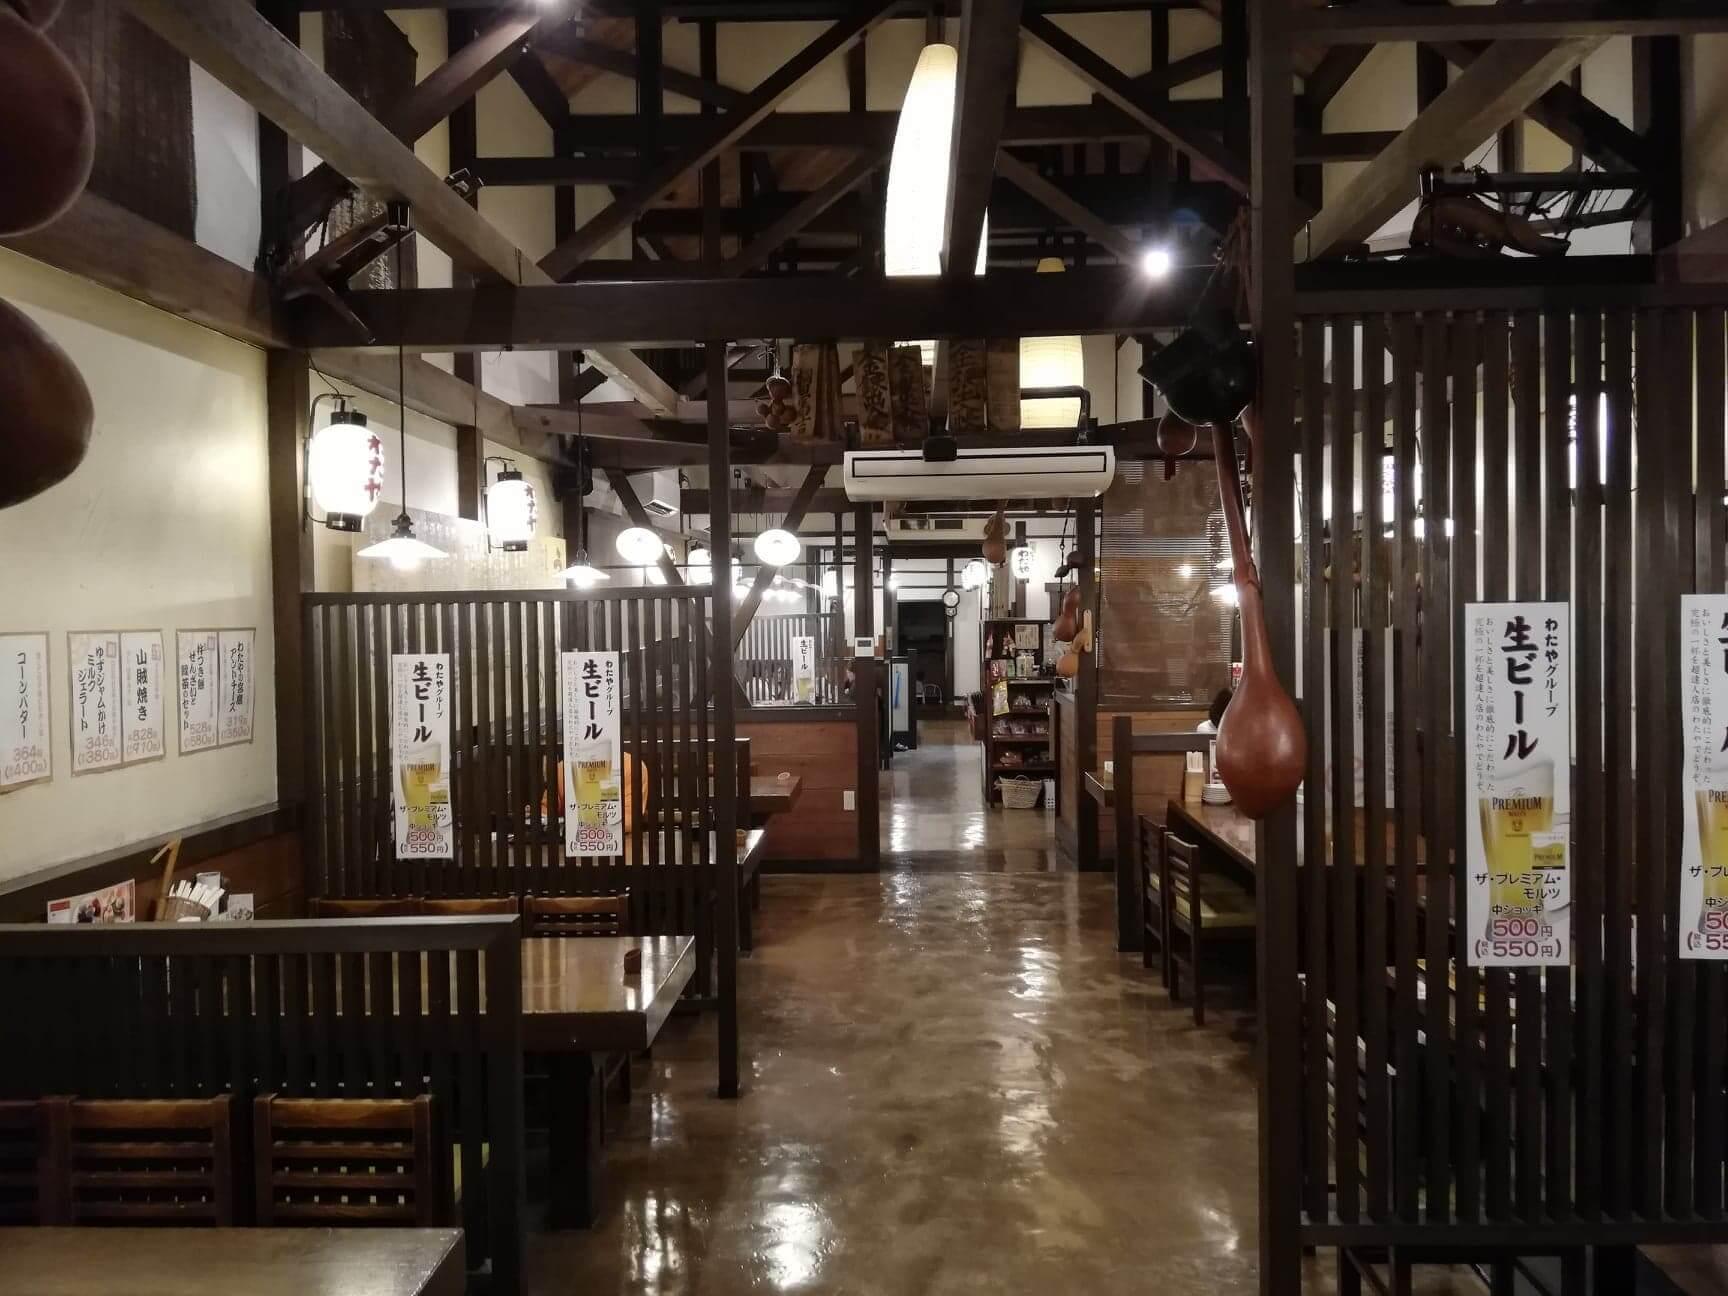 広島県の前空駅『田舎茶屋わたや大野店』の店内写真①